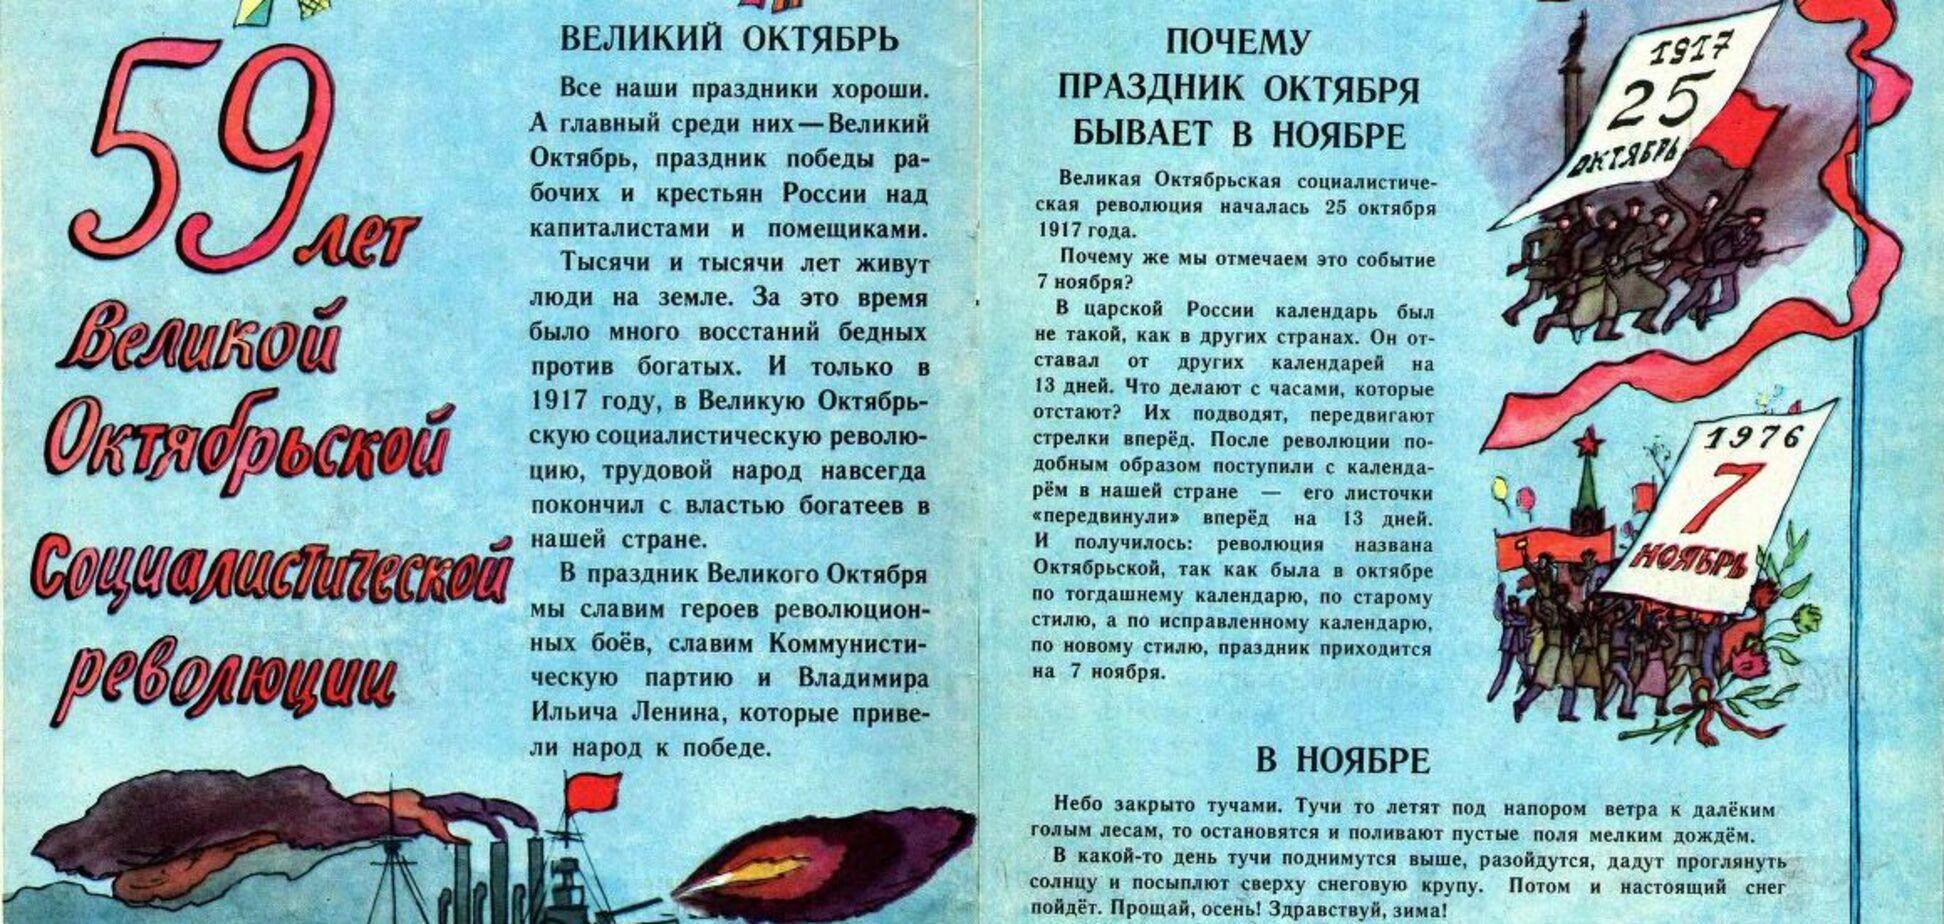 Страшная пропаганда в журнале 'Мурзилка'